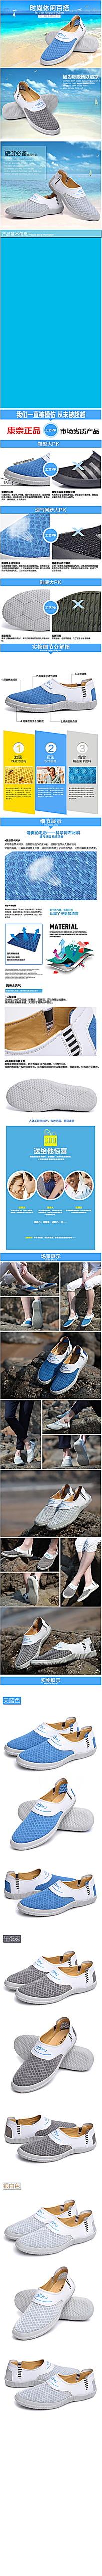 鞋子淘宝详情页模板